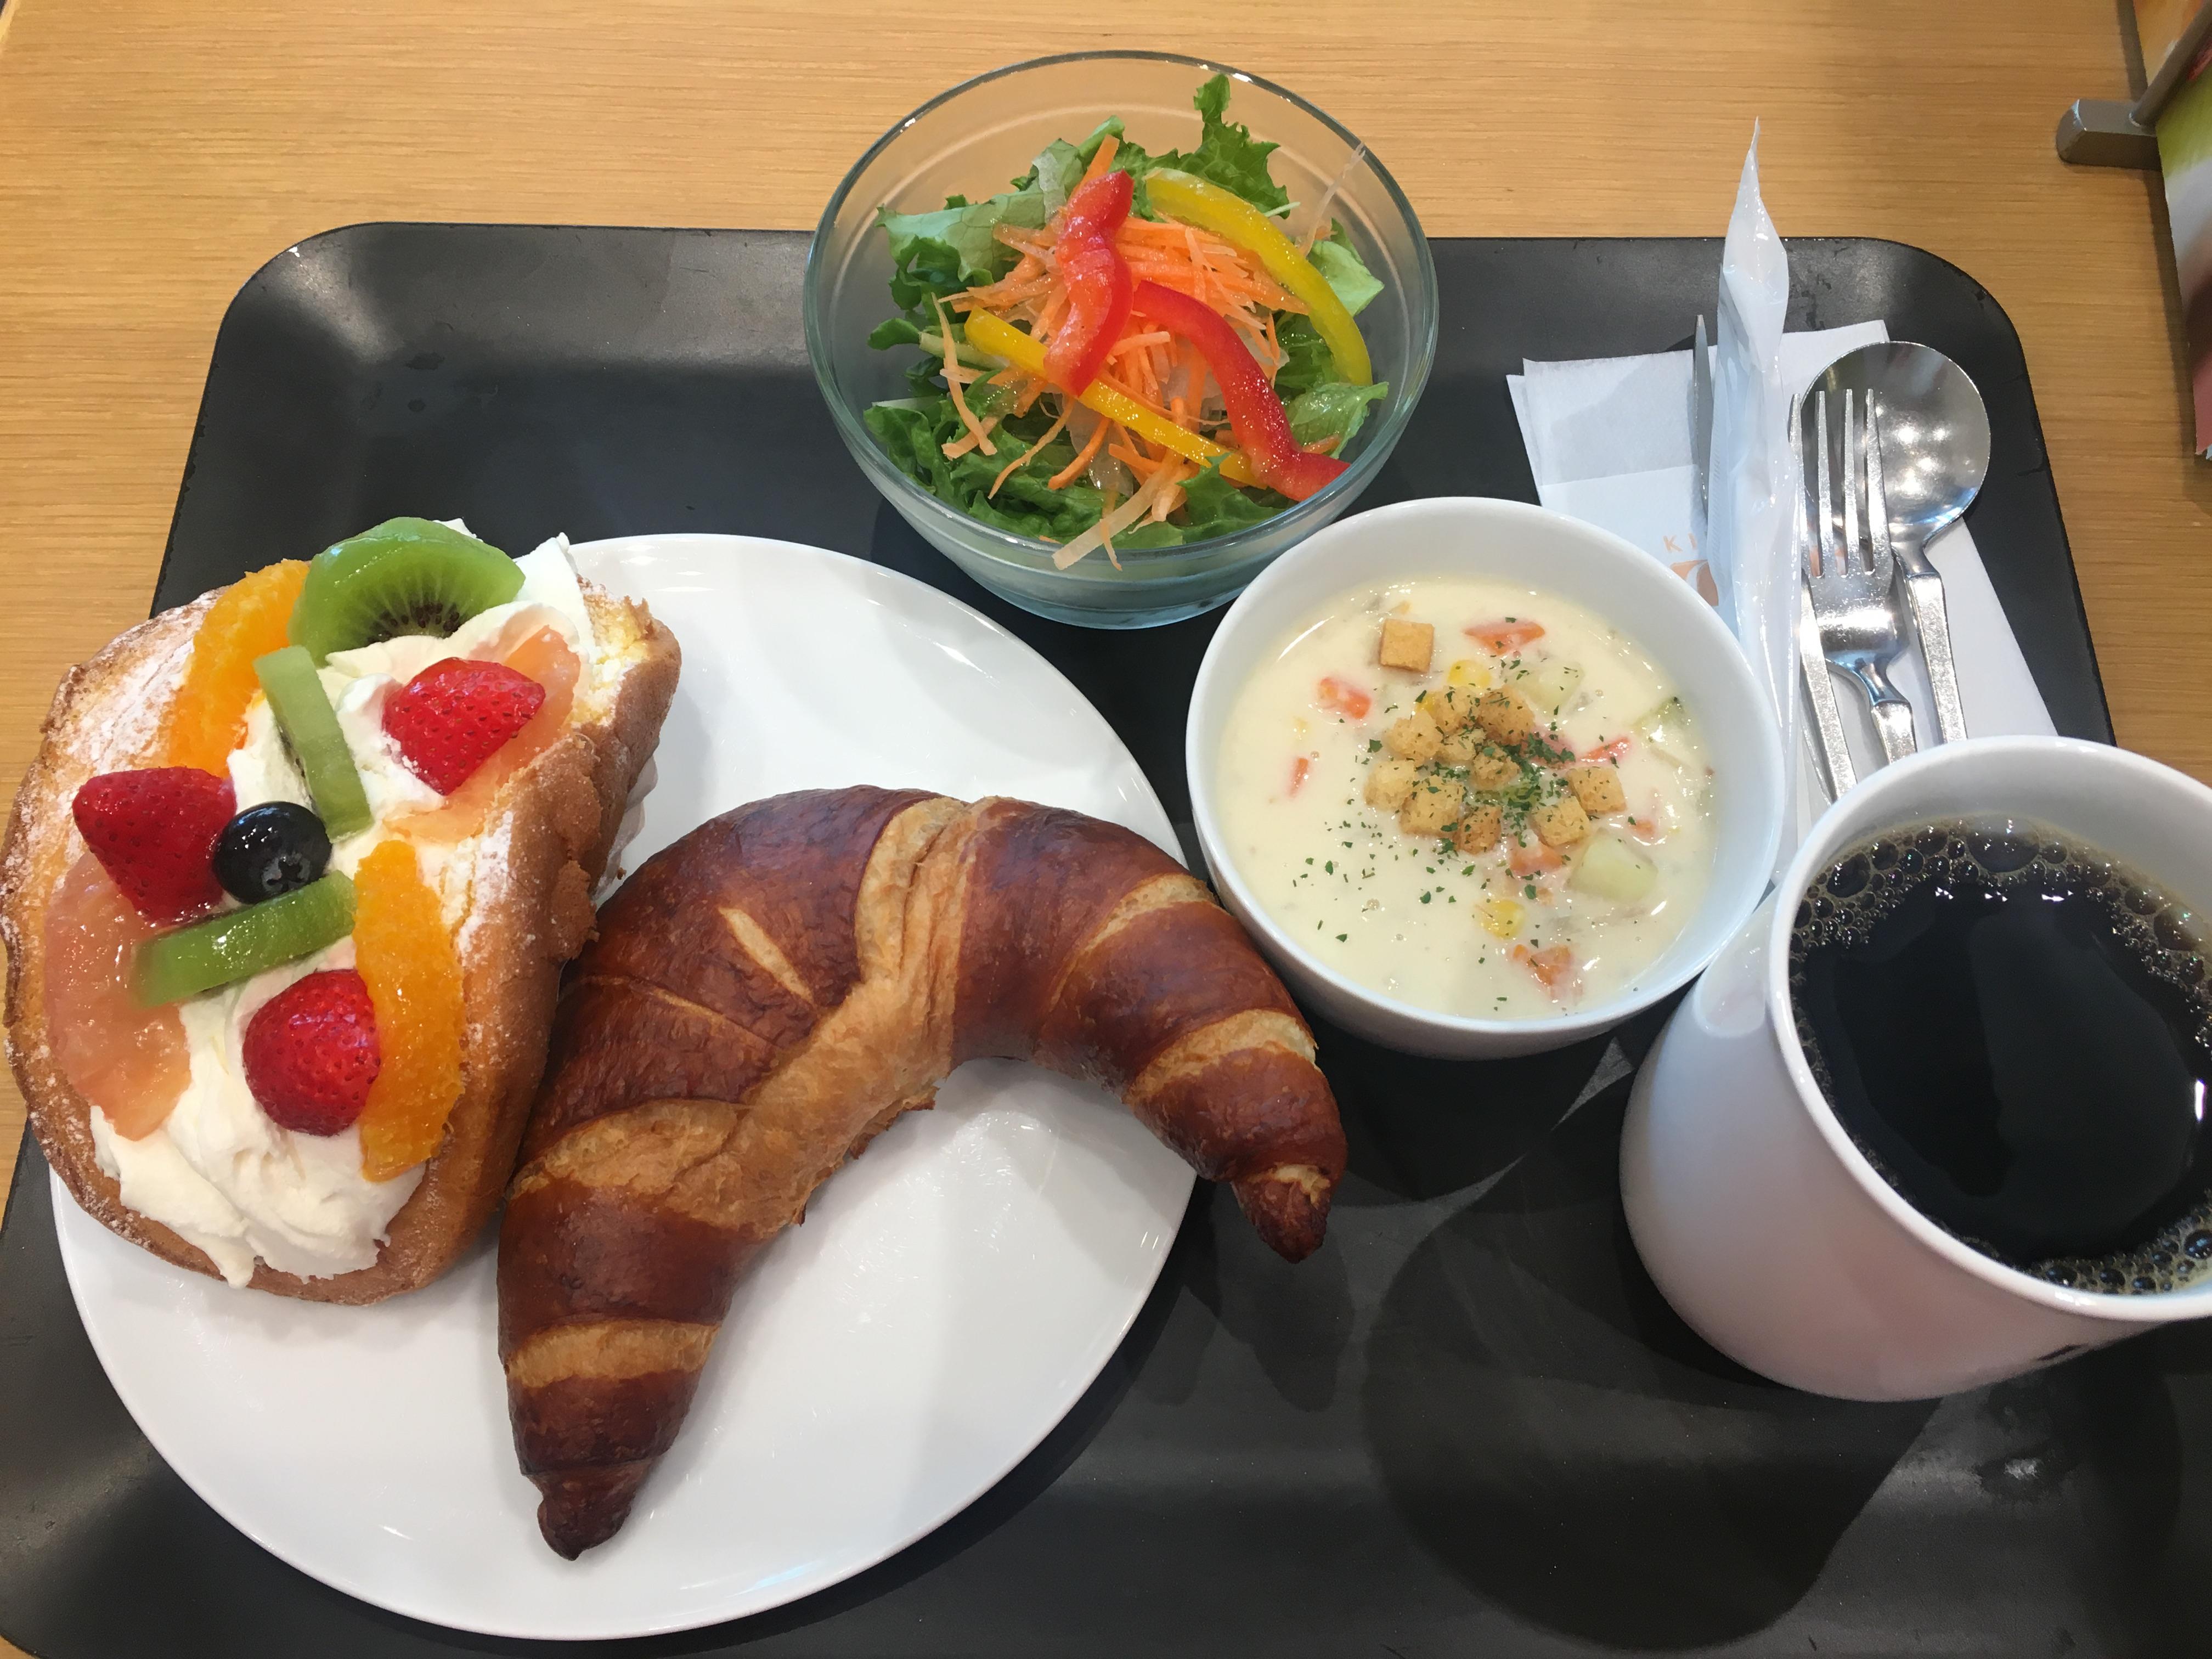 札幌 KINOTOYA cafeで朝ごはん!大通ビッセ店は朝8時からオープン